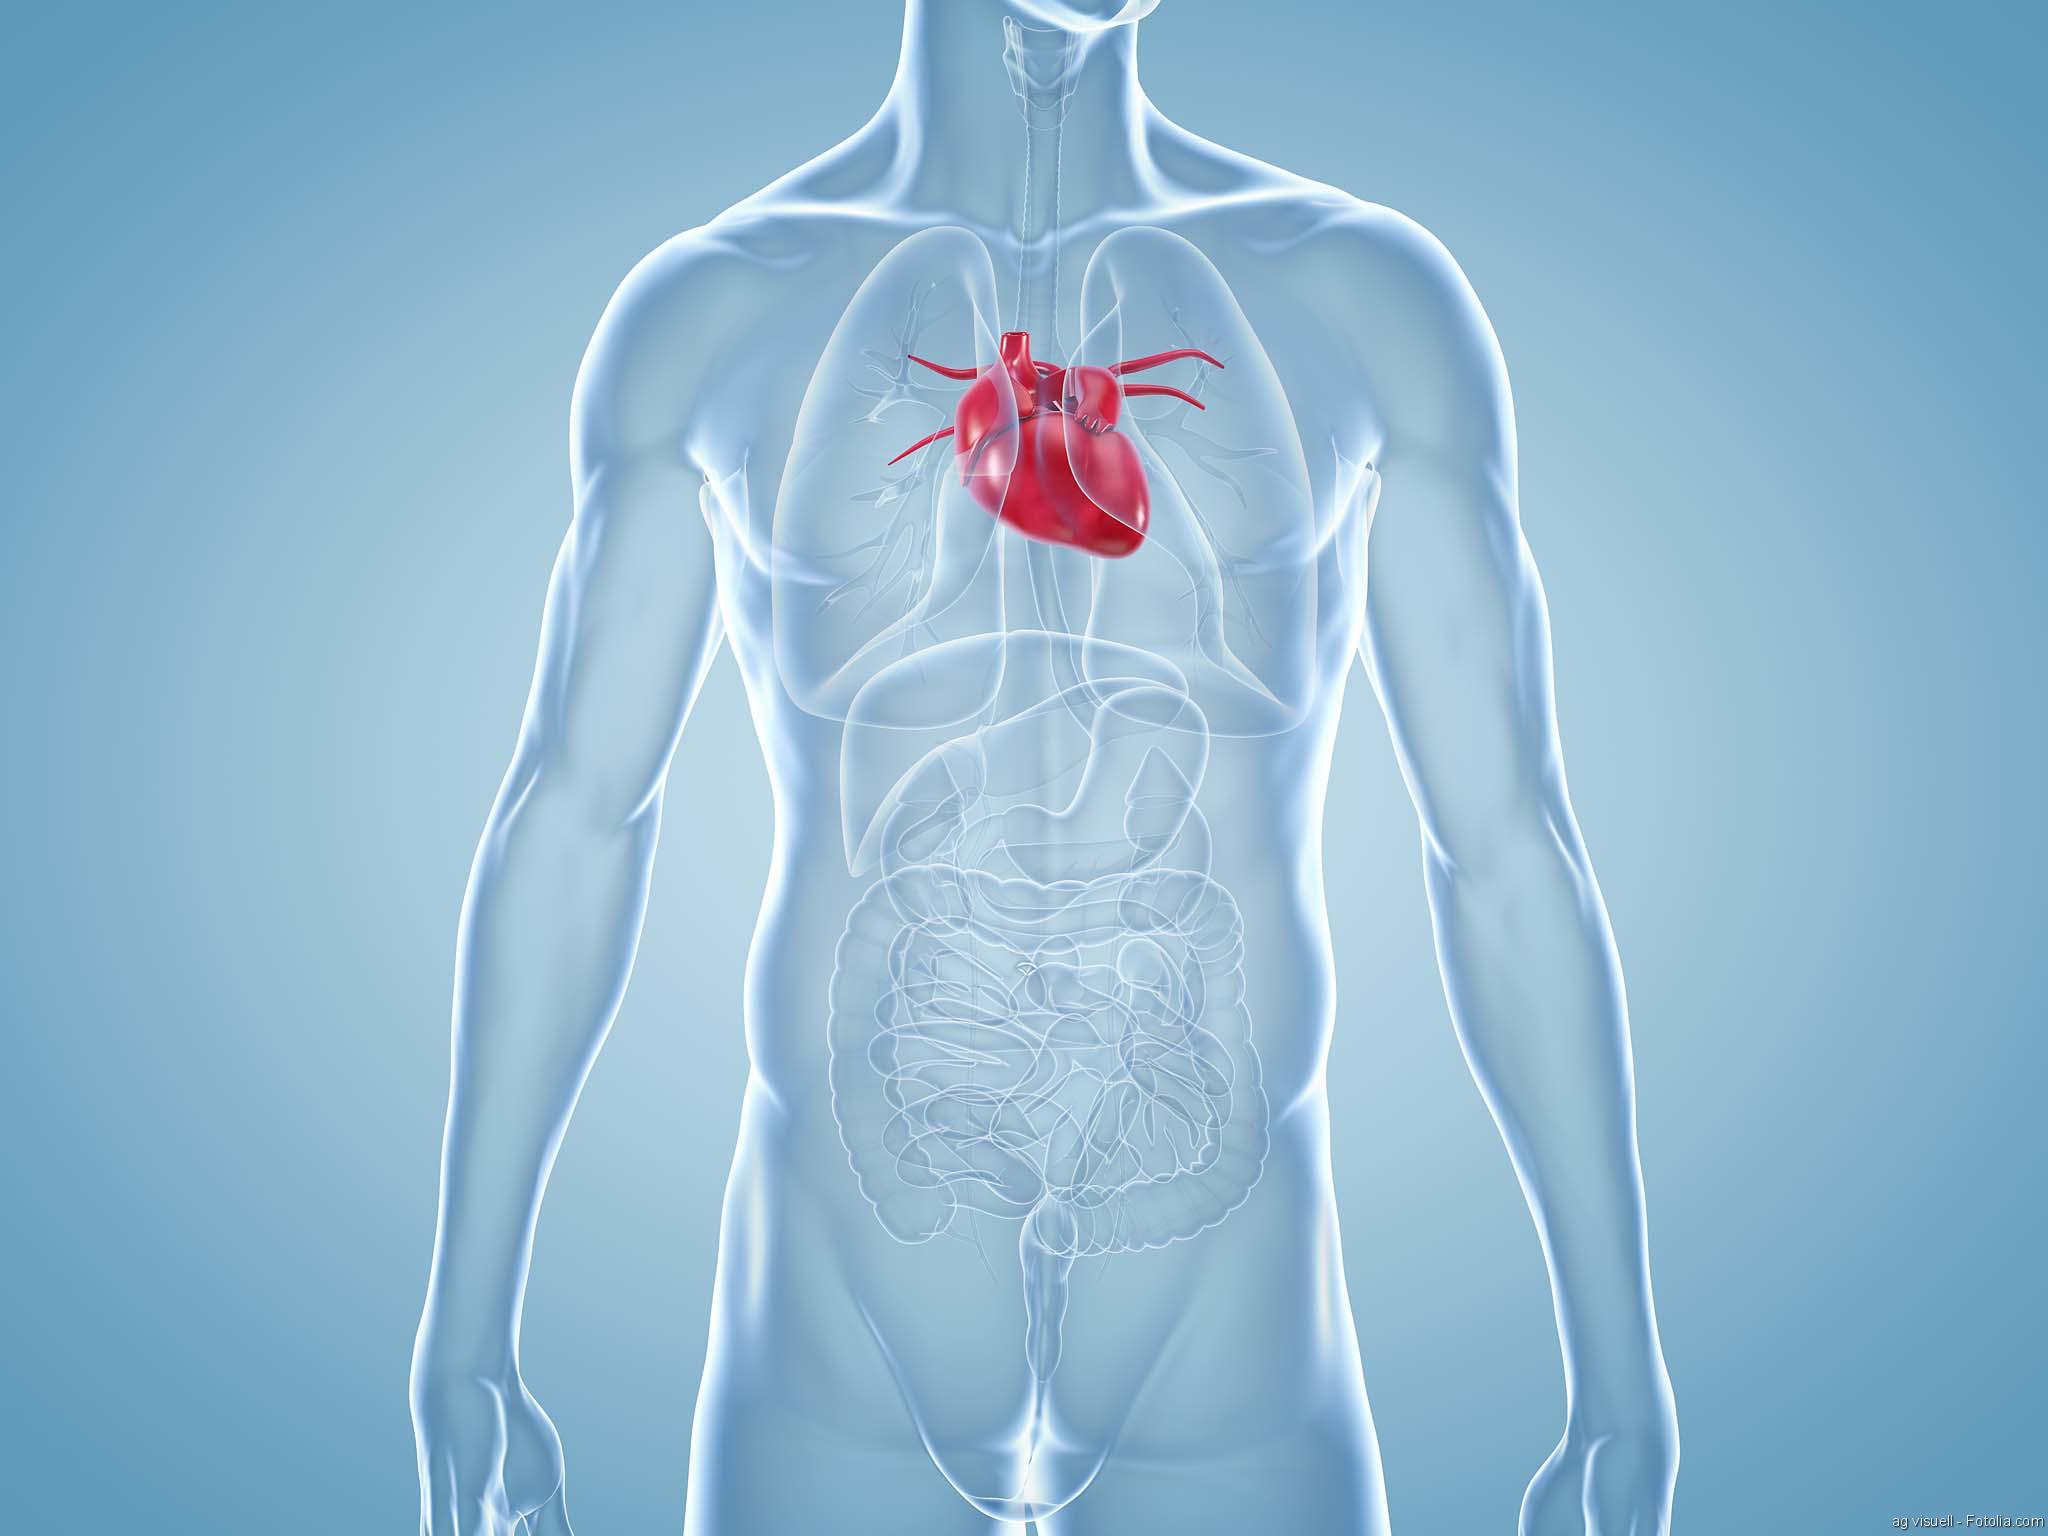 Schonend, schnell und präzise: Innovative Herz-Bildgebung in ...